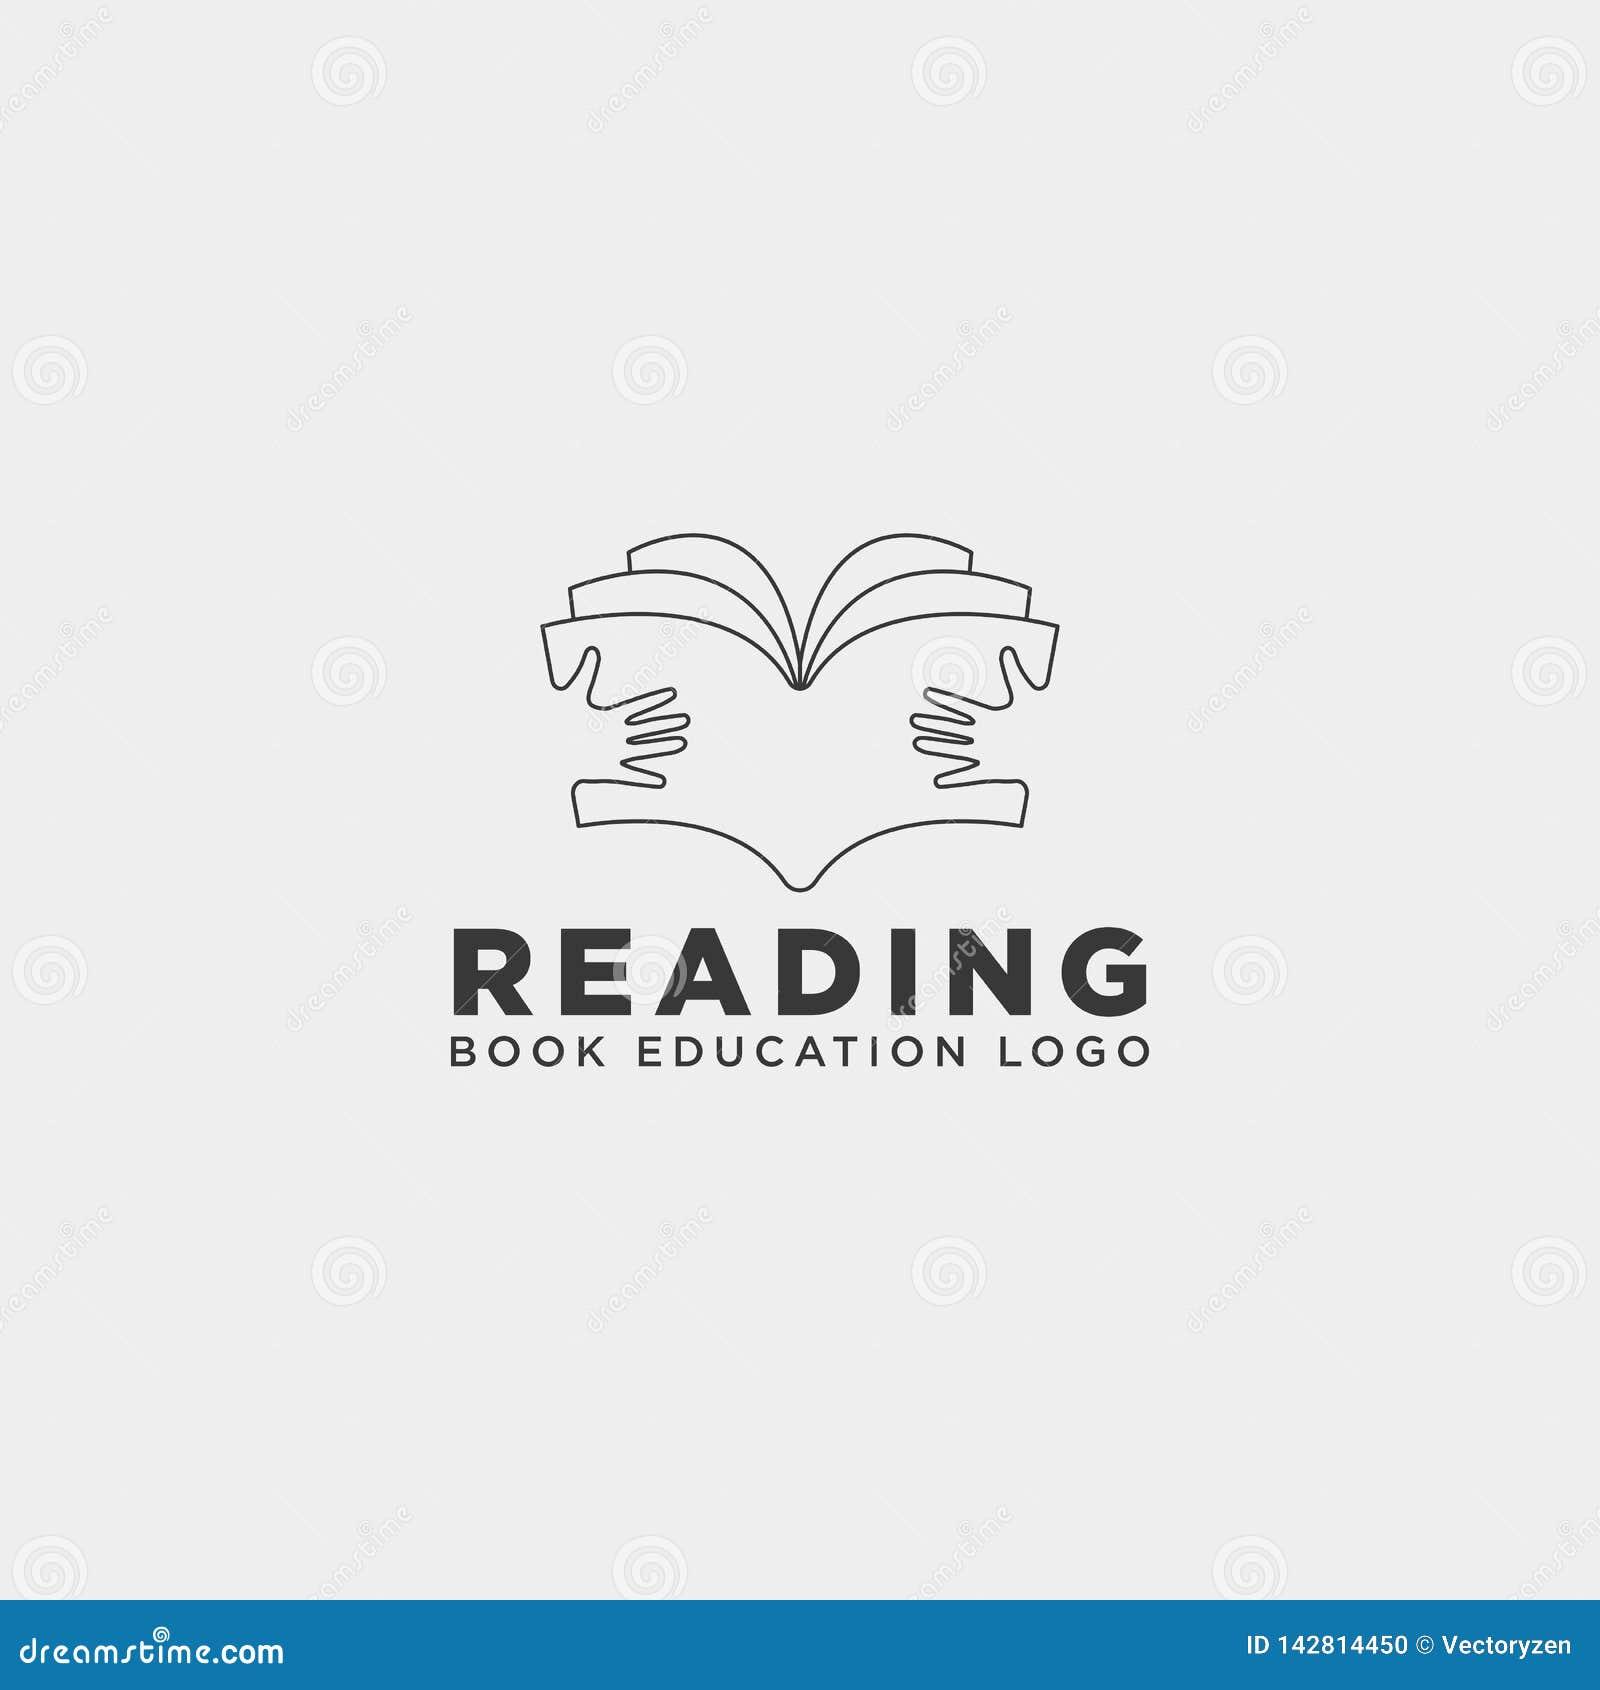 Elemento simples do ícone da ilustração do vetor do molde do logotipo da educação do compartimento do livro de leitura